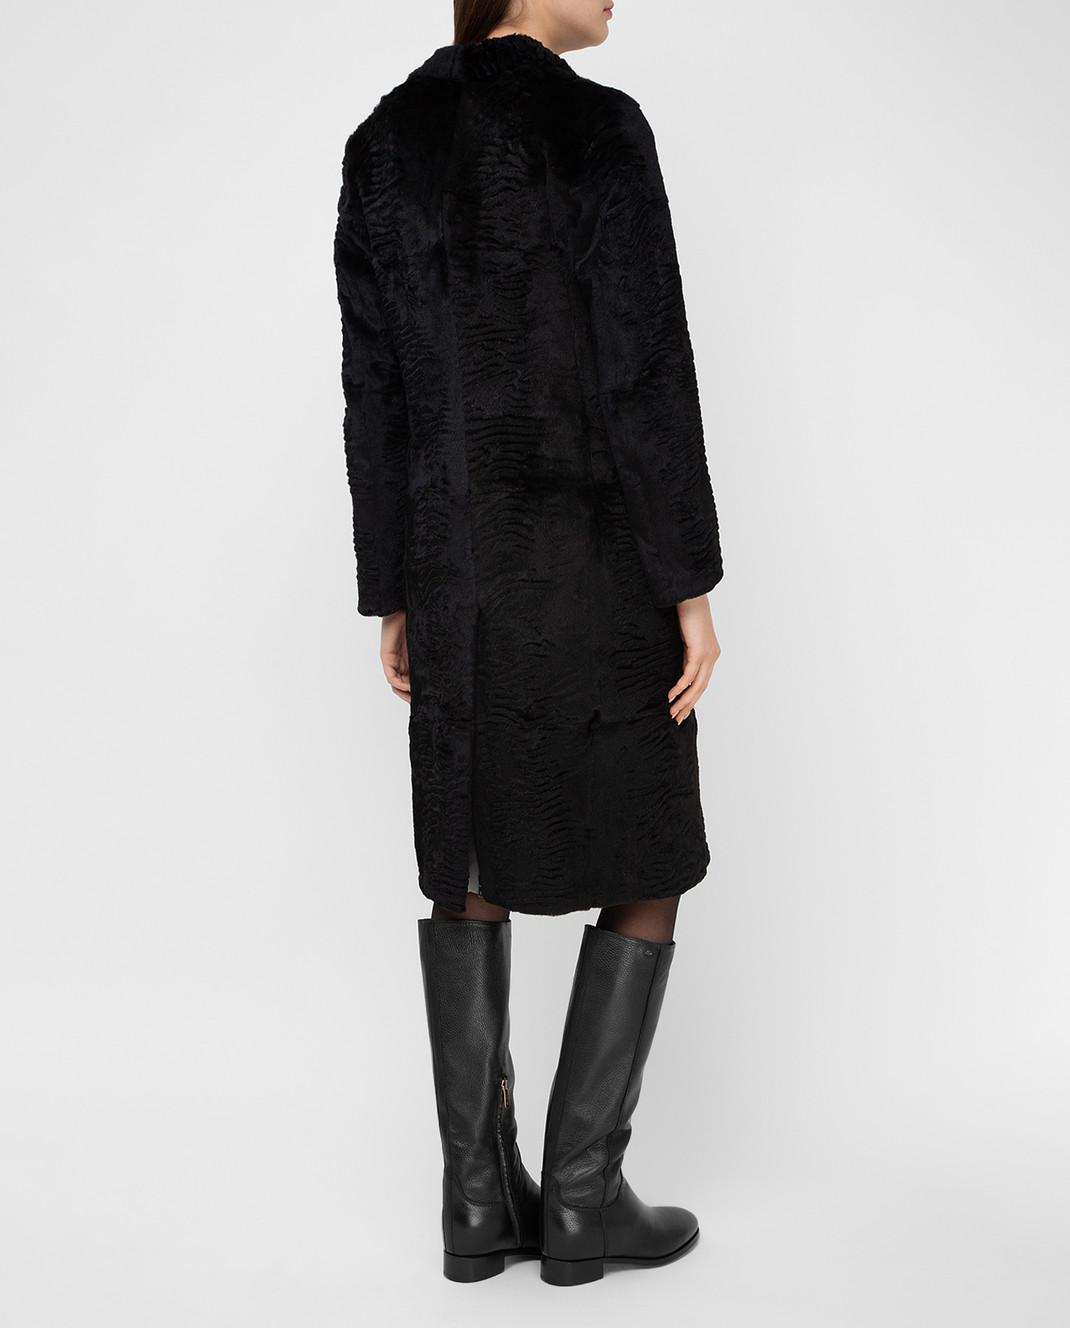 Simonetta Ravizza Черное пальто из кролика GCAPG изображение 4